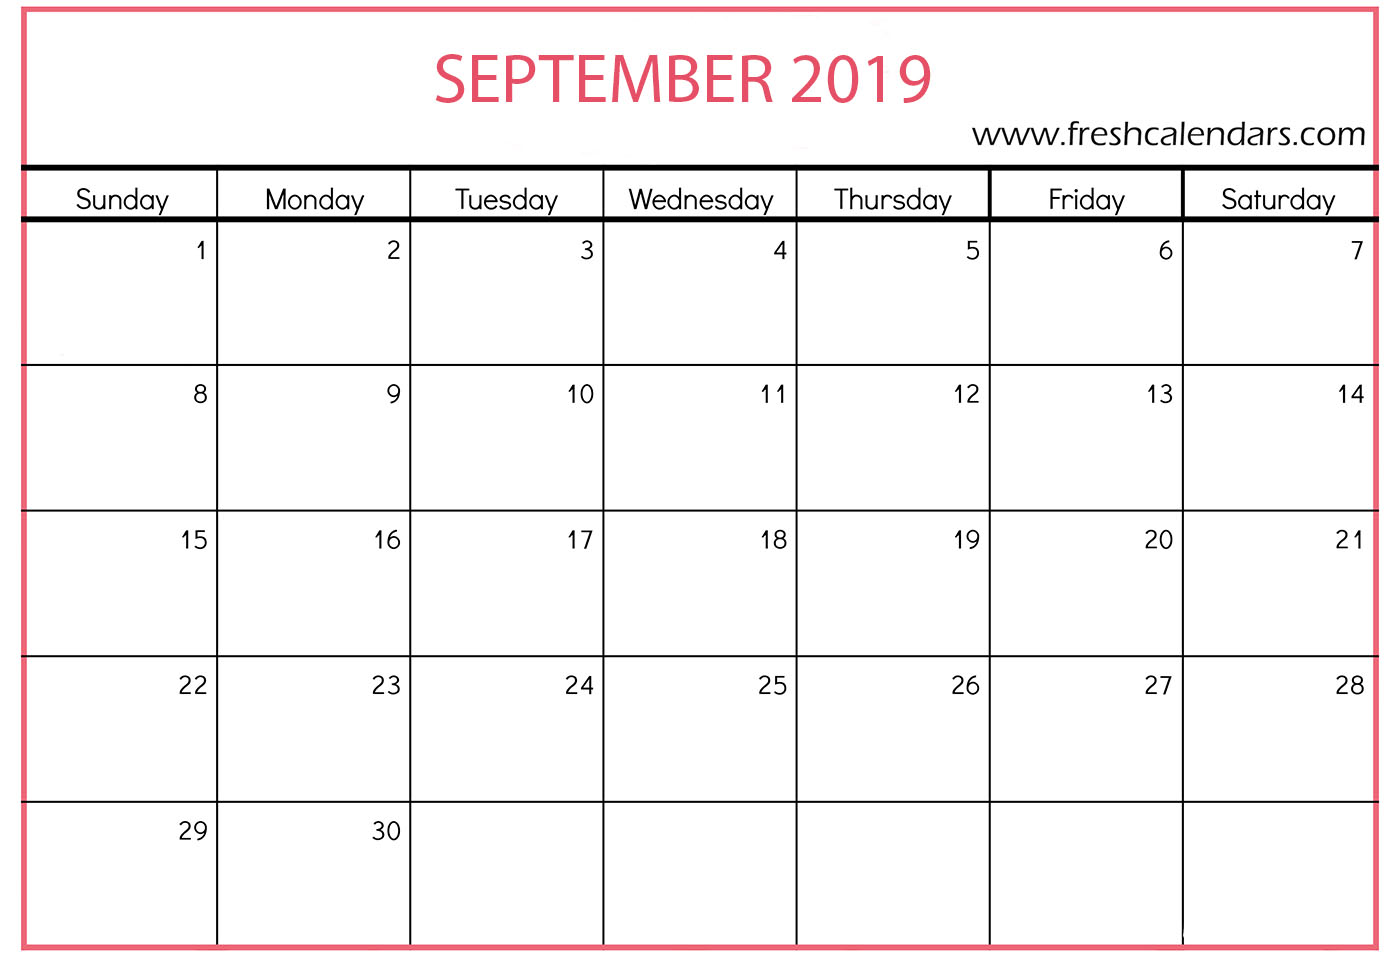 September Calendar.September 2019 Calendar Printable Fresh Calendars